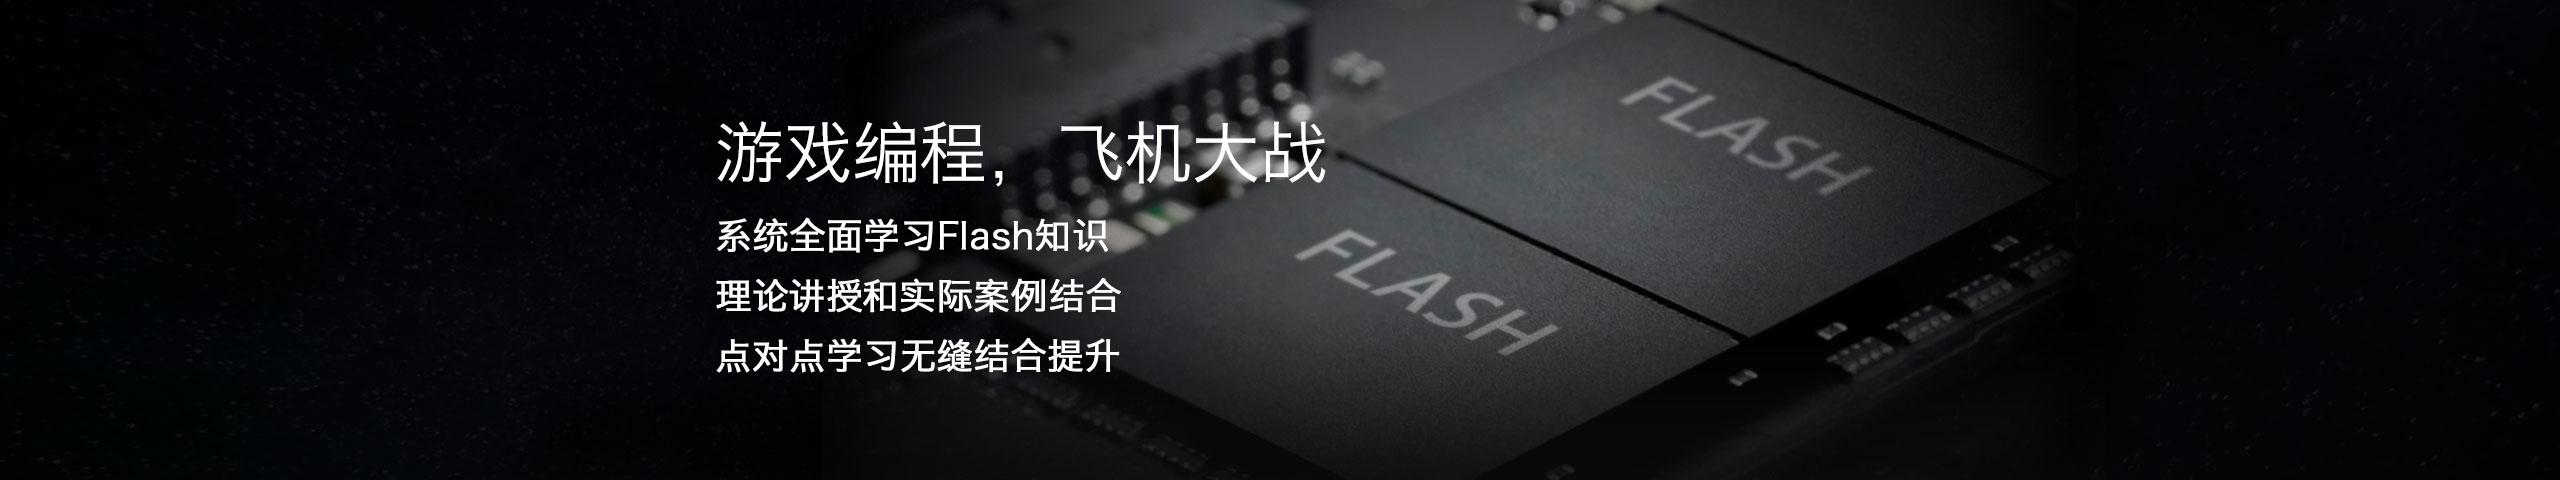 兰世儒 兰世儒,AS3前端开发工程师,3年编程游戏开发经验,精通ActionScript3.0、JavaScript语言,拥有良好的OOP编程思想;熟悉HTML/HTML5、CSS/CSS3、Ajax、html5 Canvas等前端开发技术;了解Starling和Away3D框架引擎,能熟练运用Flash、Flash Builder开发;擅长程序优化,曾参加过多款AIR移动开发。授课风格幽默风趣,深入浅出。